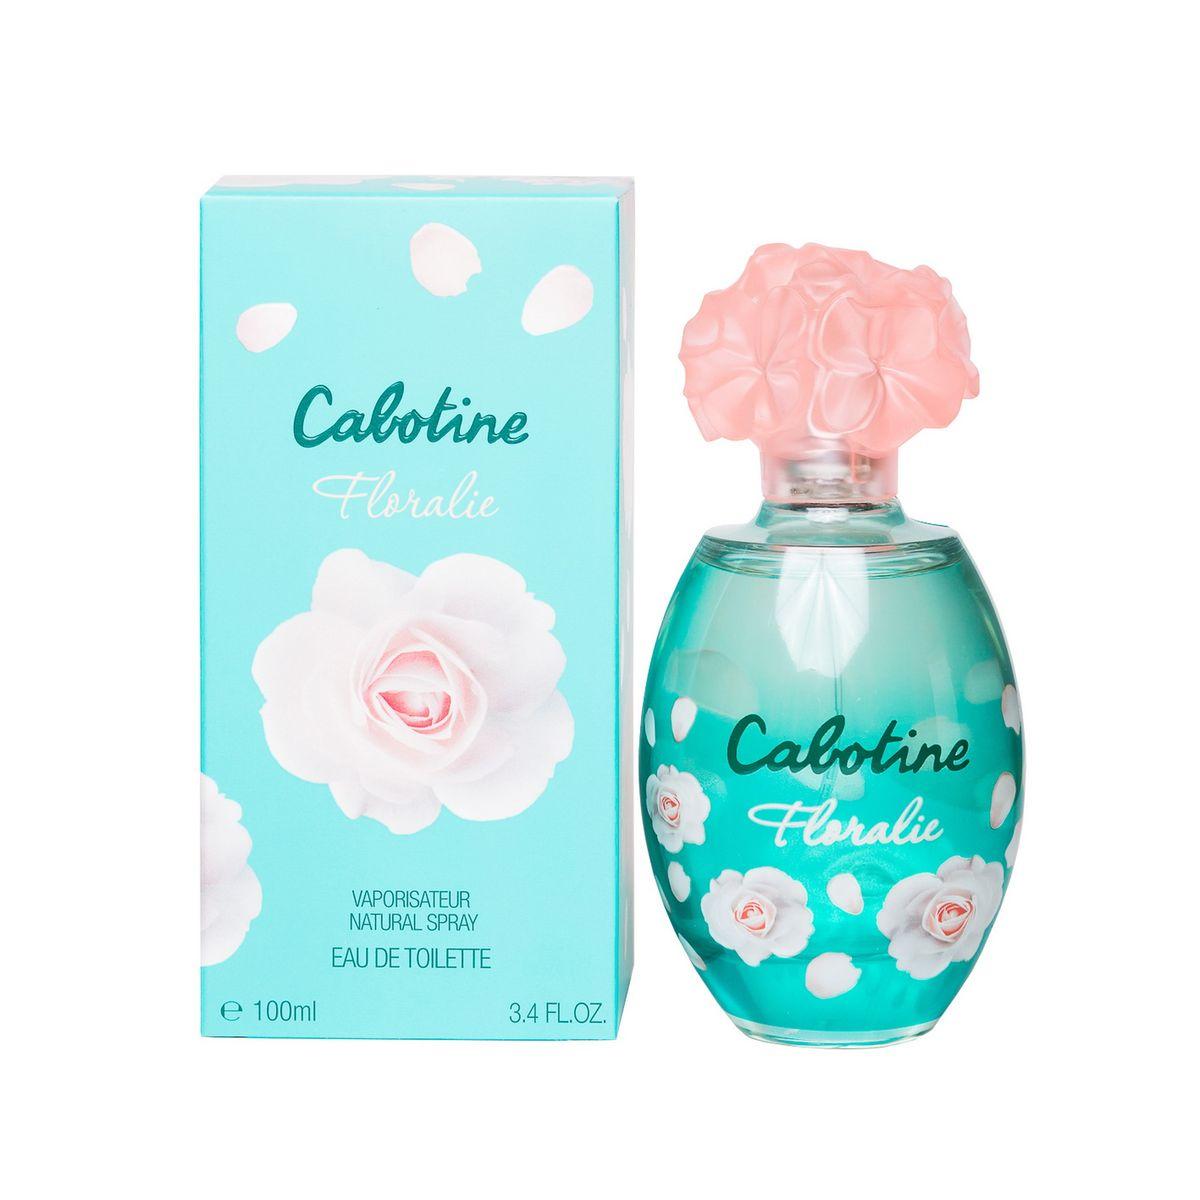 Gres Cabotine Floralie Туалетная вода женская 100 млPMF3000Cabotine Floralie воплощает романтичную женственность, радость и легкость через цвет, аромат и цветы. Парфюмерная композиция: Лимон, Черная смородина, Фрезия, Роза, Лилия, Персик, Белый кедр, Мускус